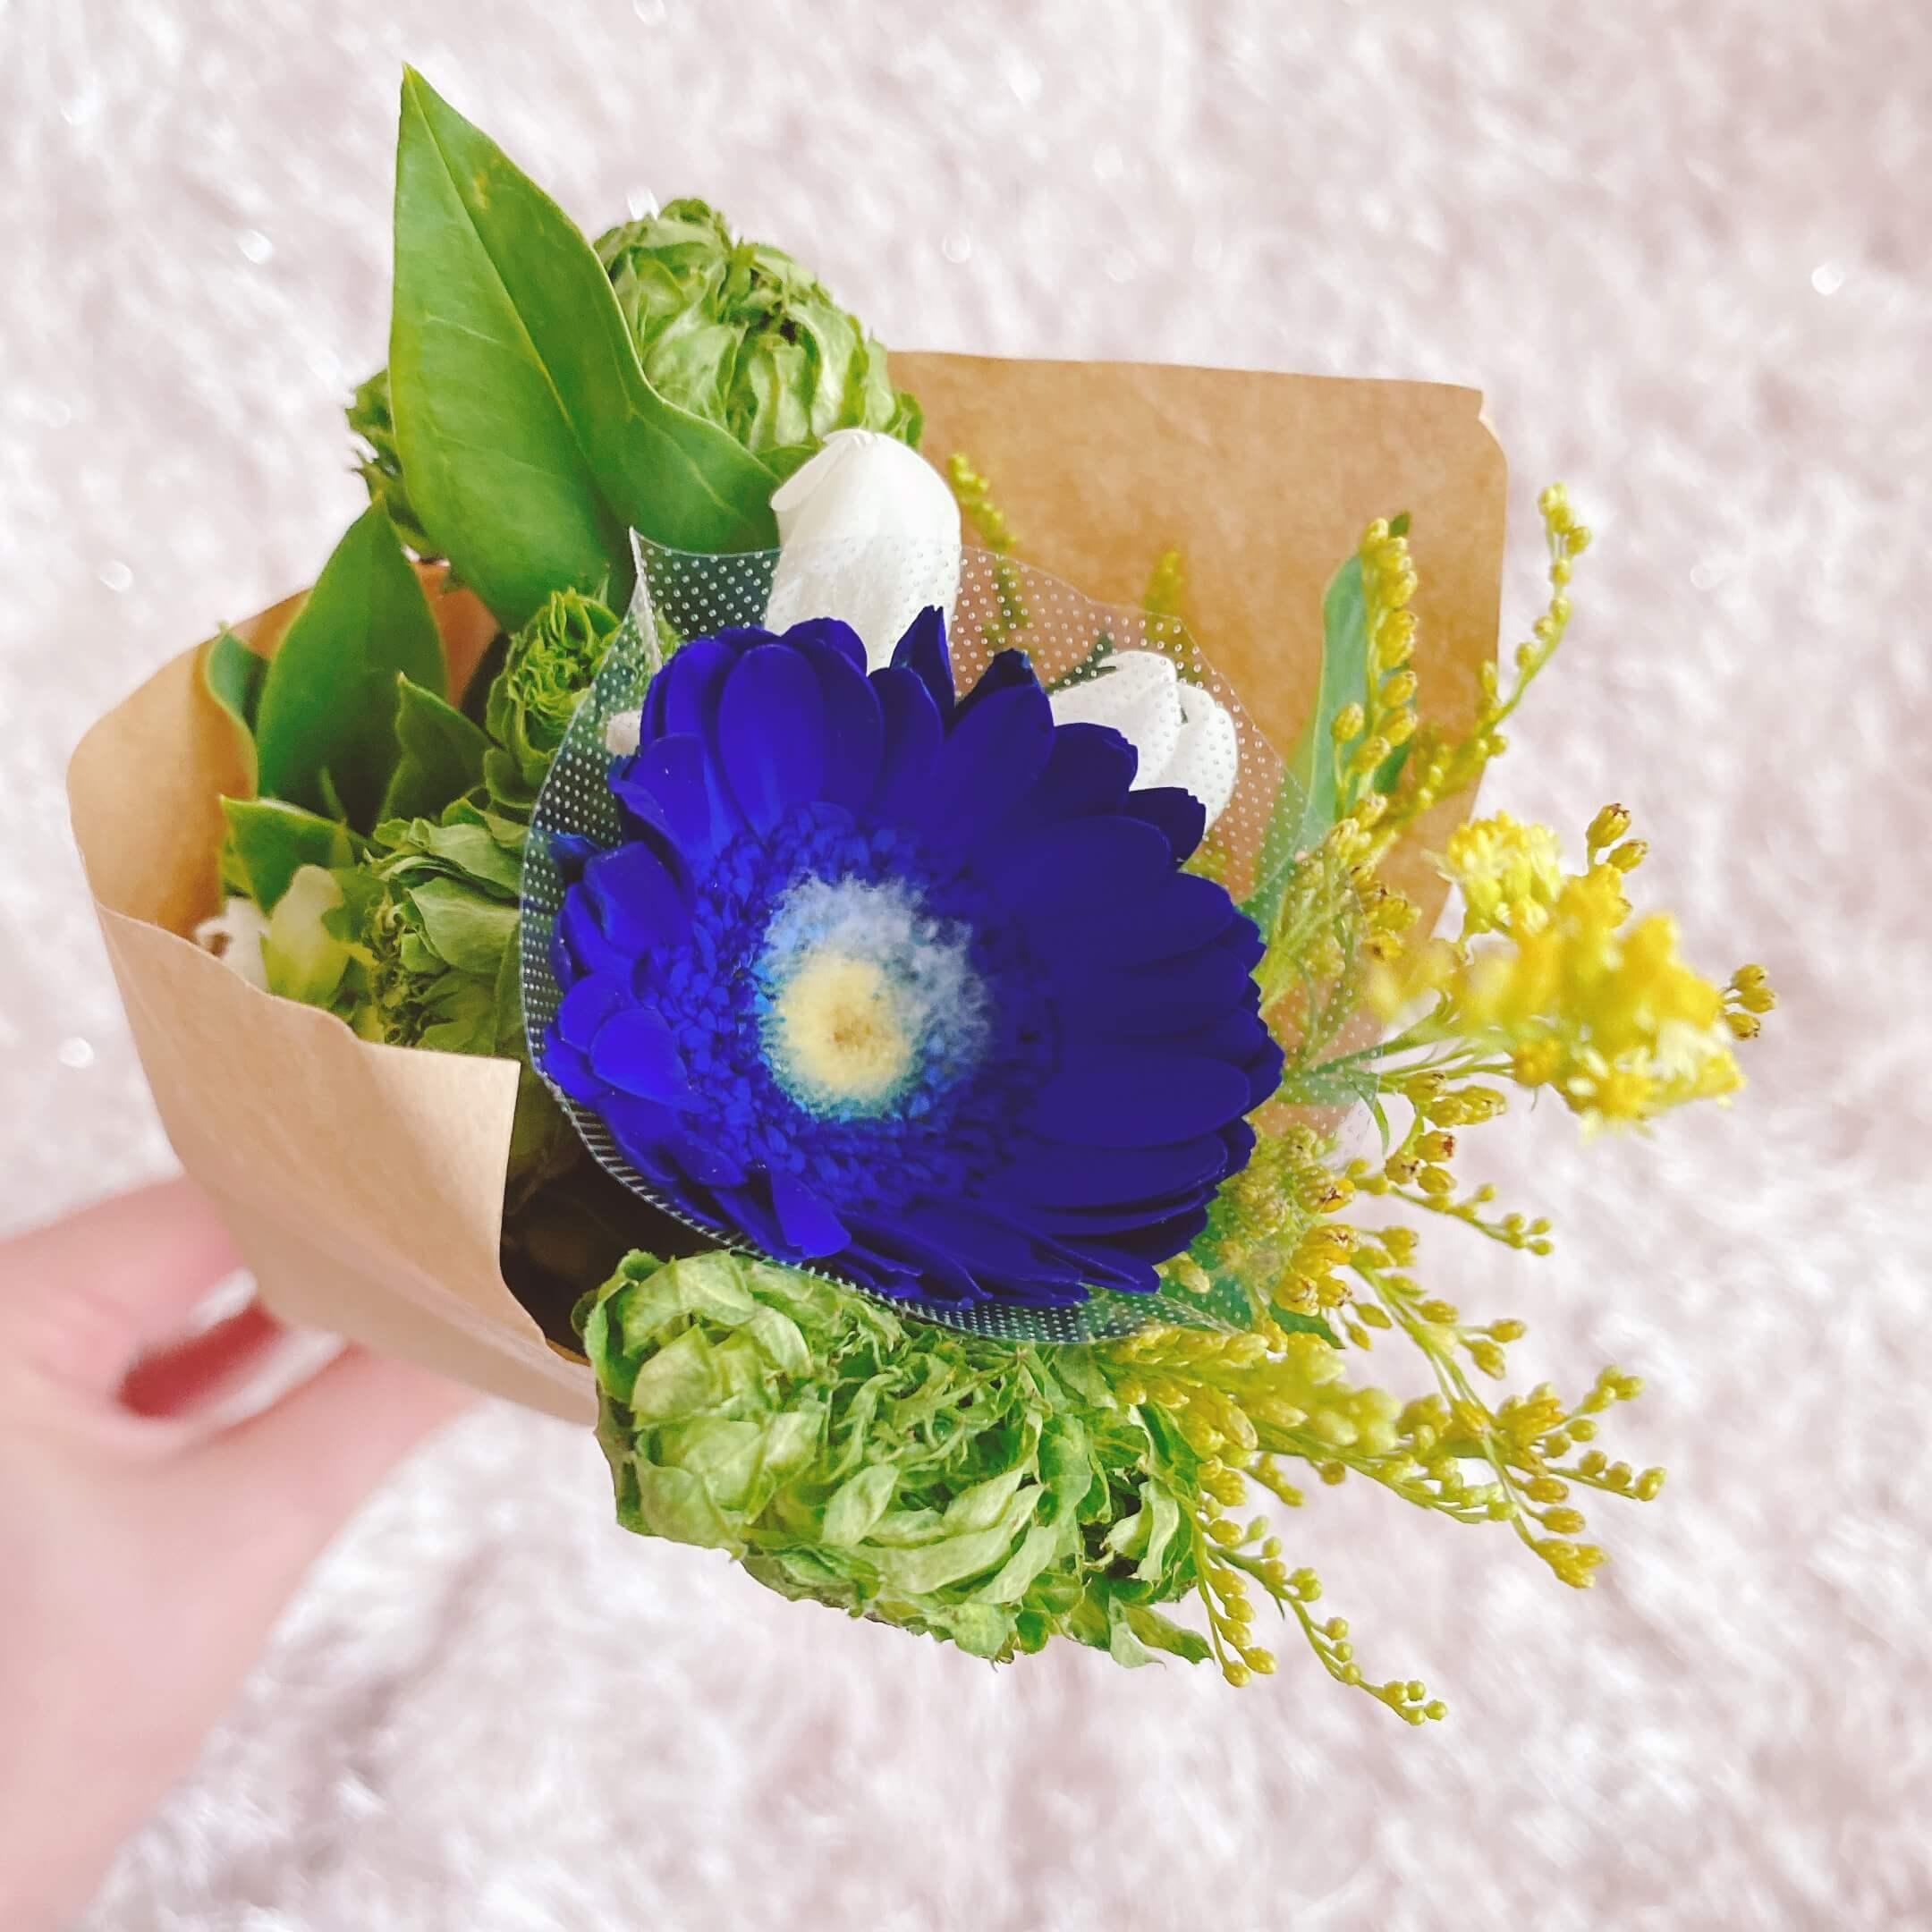 ブルーミーで届いたお花がカビている様子